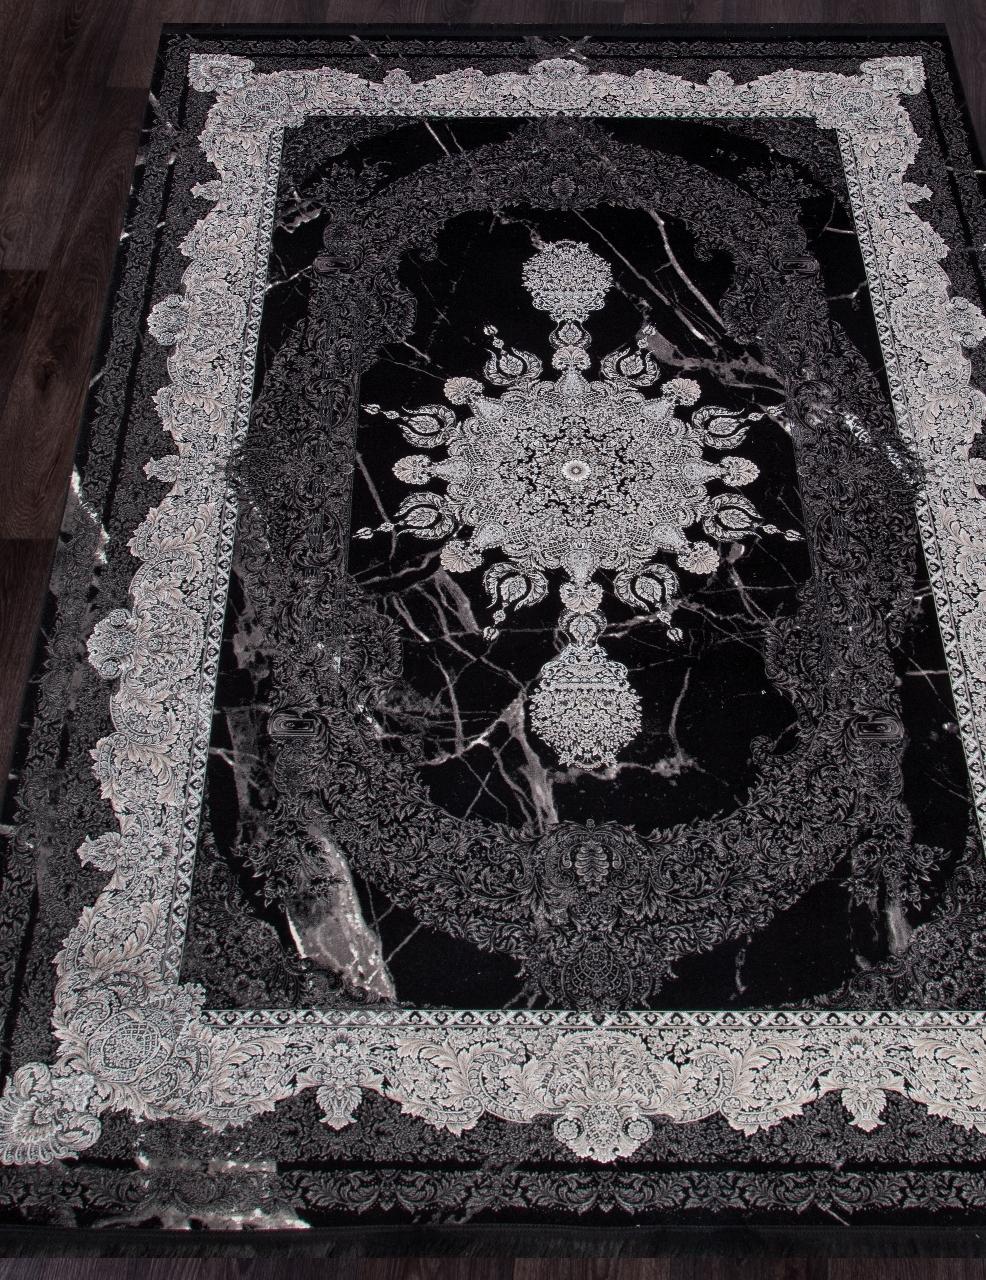 Ковер 90119 - 000 - Прямоугольник - коллекция MUSKAT 1200 - фото 1